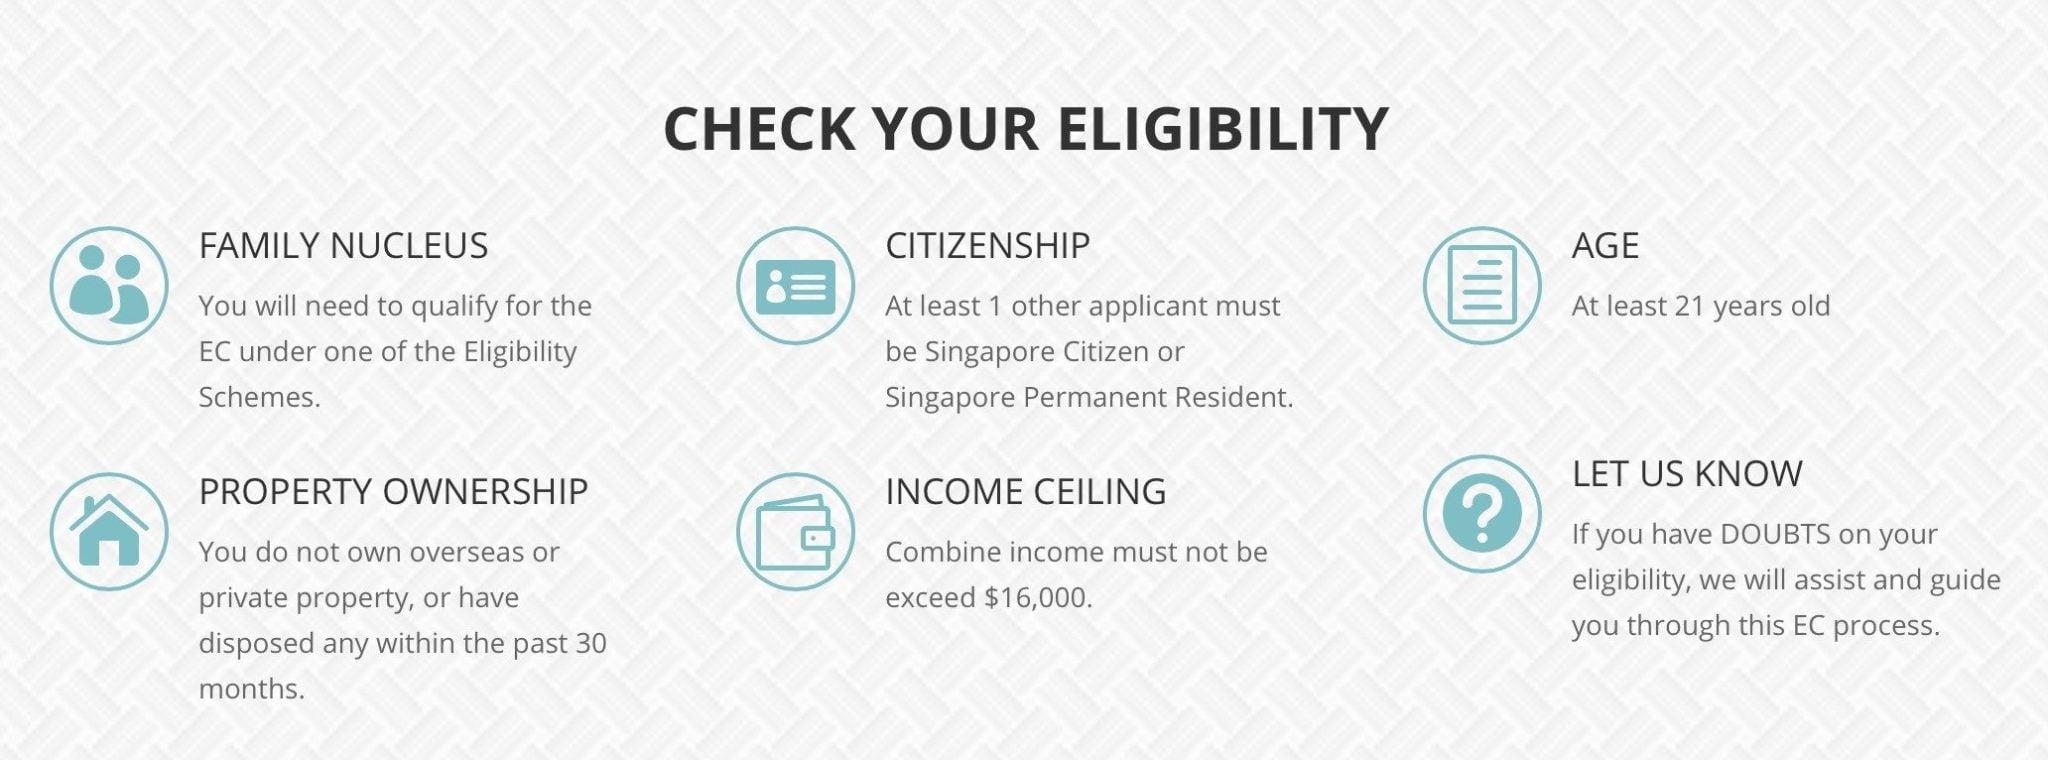 ola-ec-eligibility